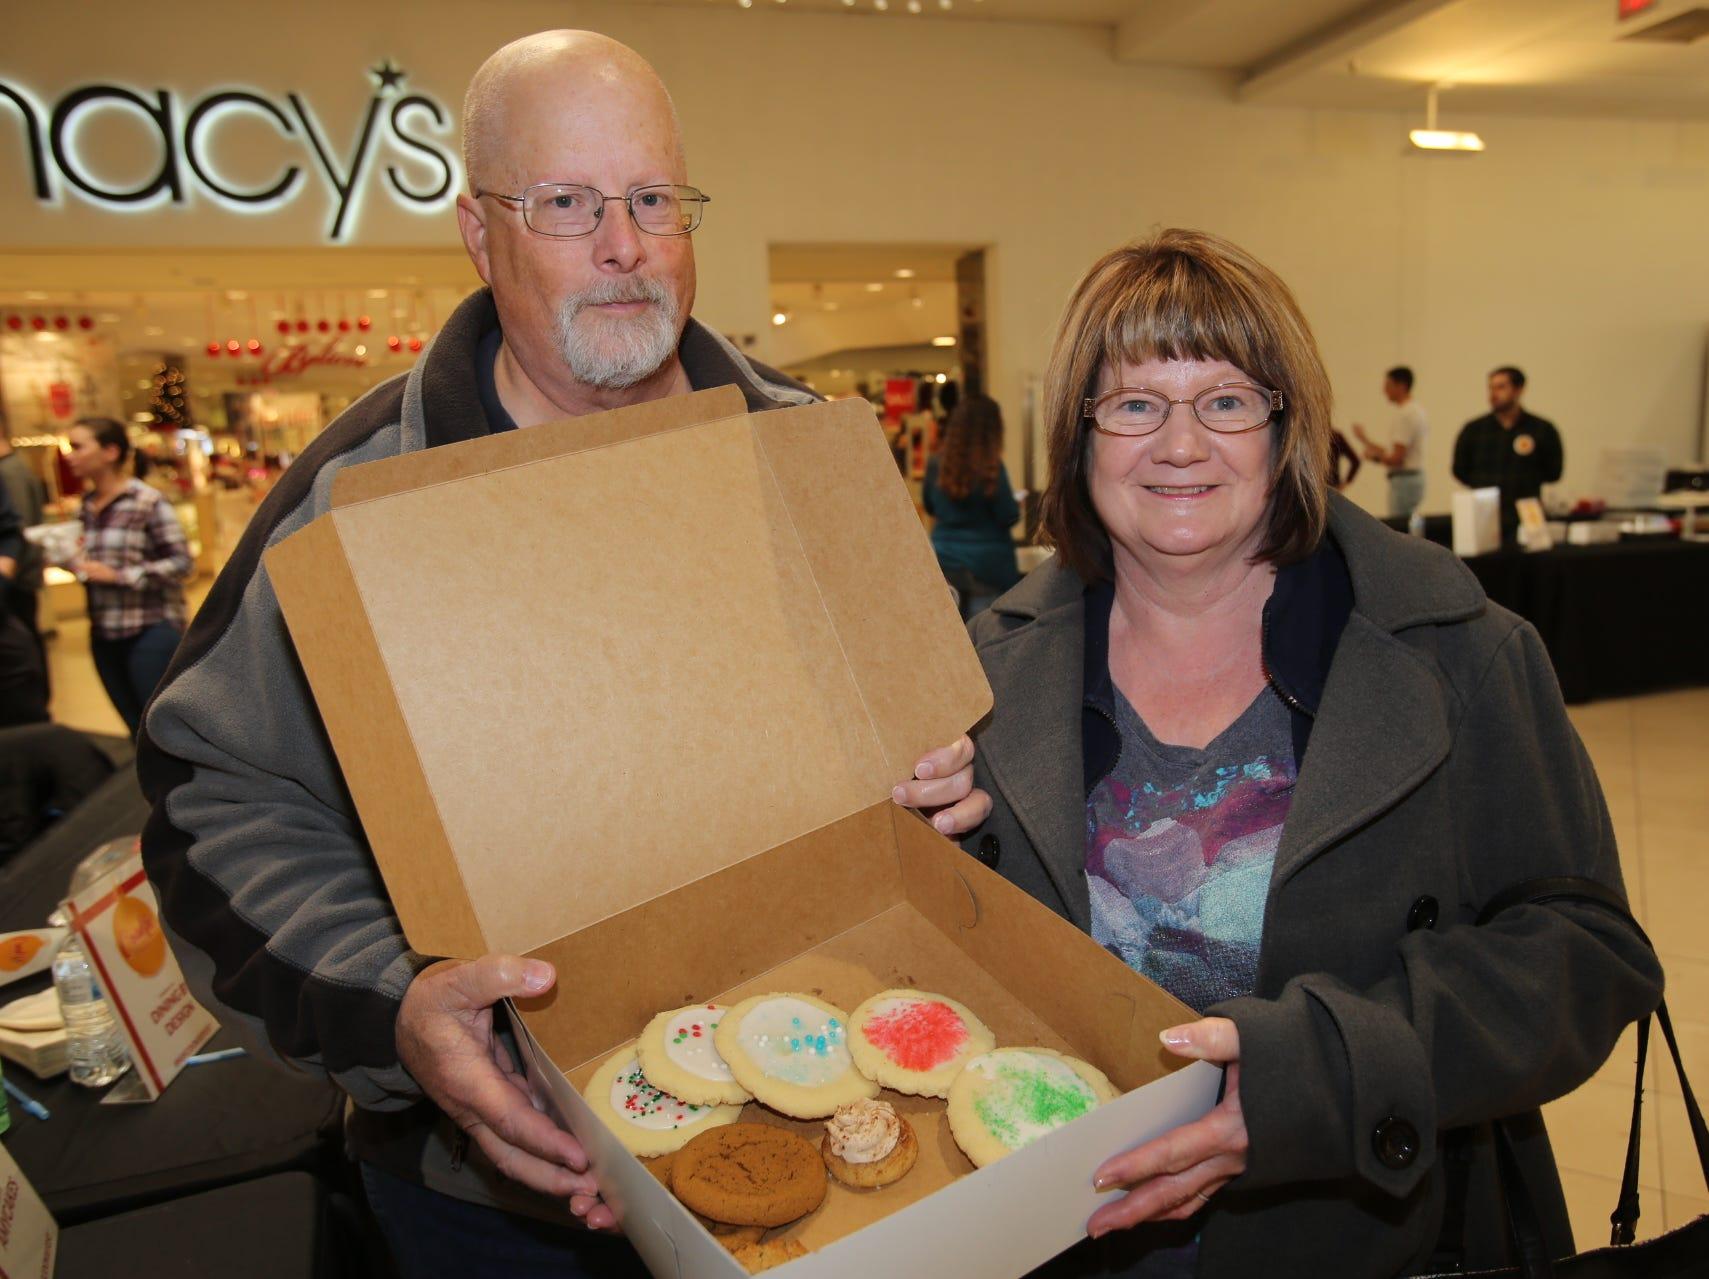 Dave and Kathy Nader